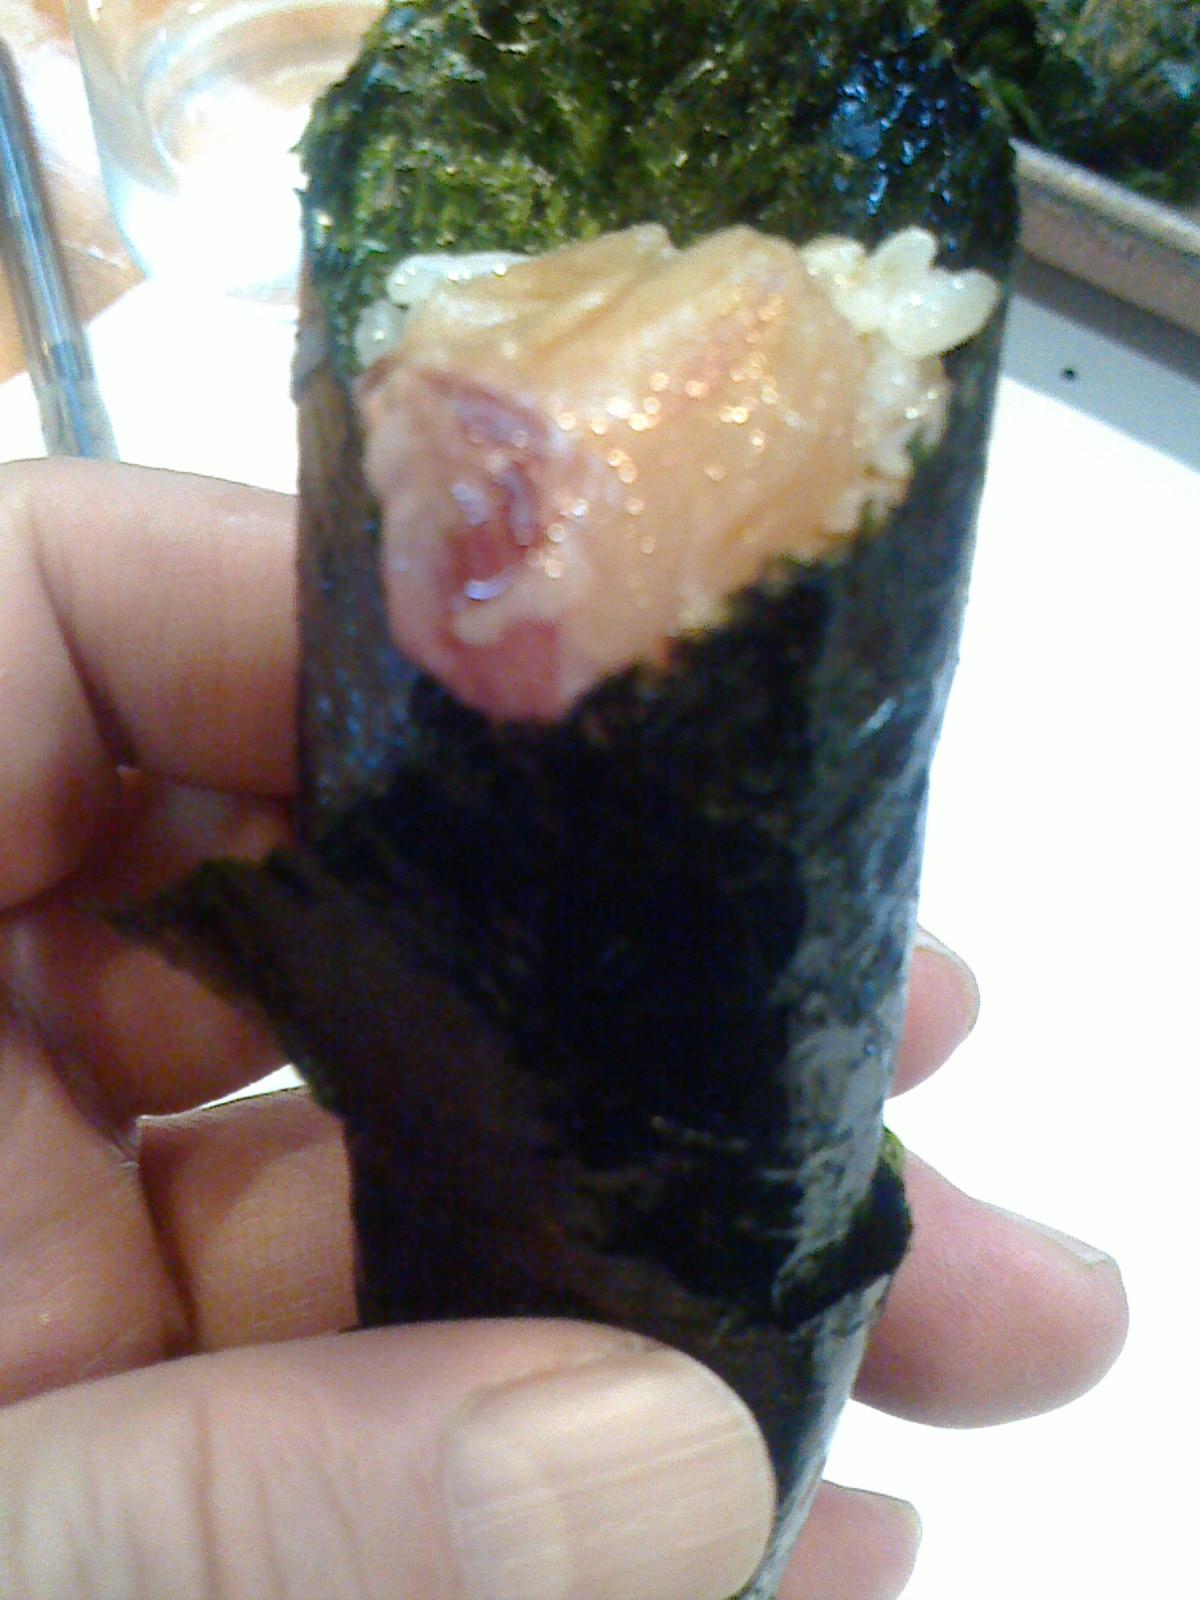 千葉でとても美味しいお寿司をお腹いっぱいいただきました。_c0225997_11385747.jpg